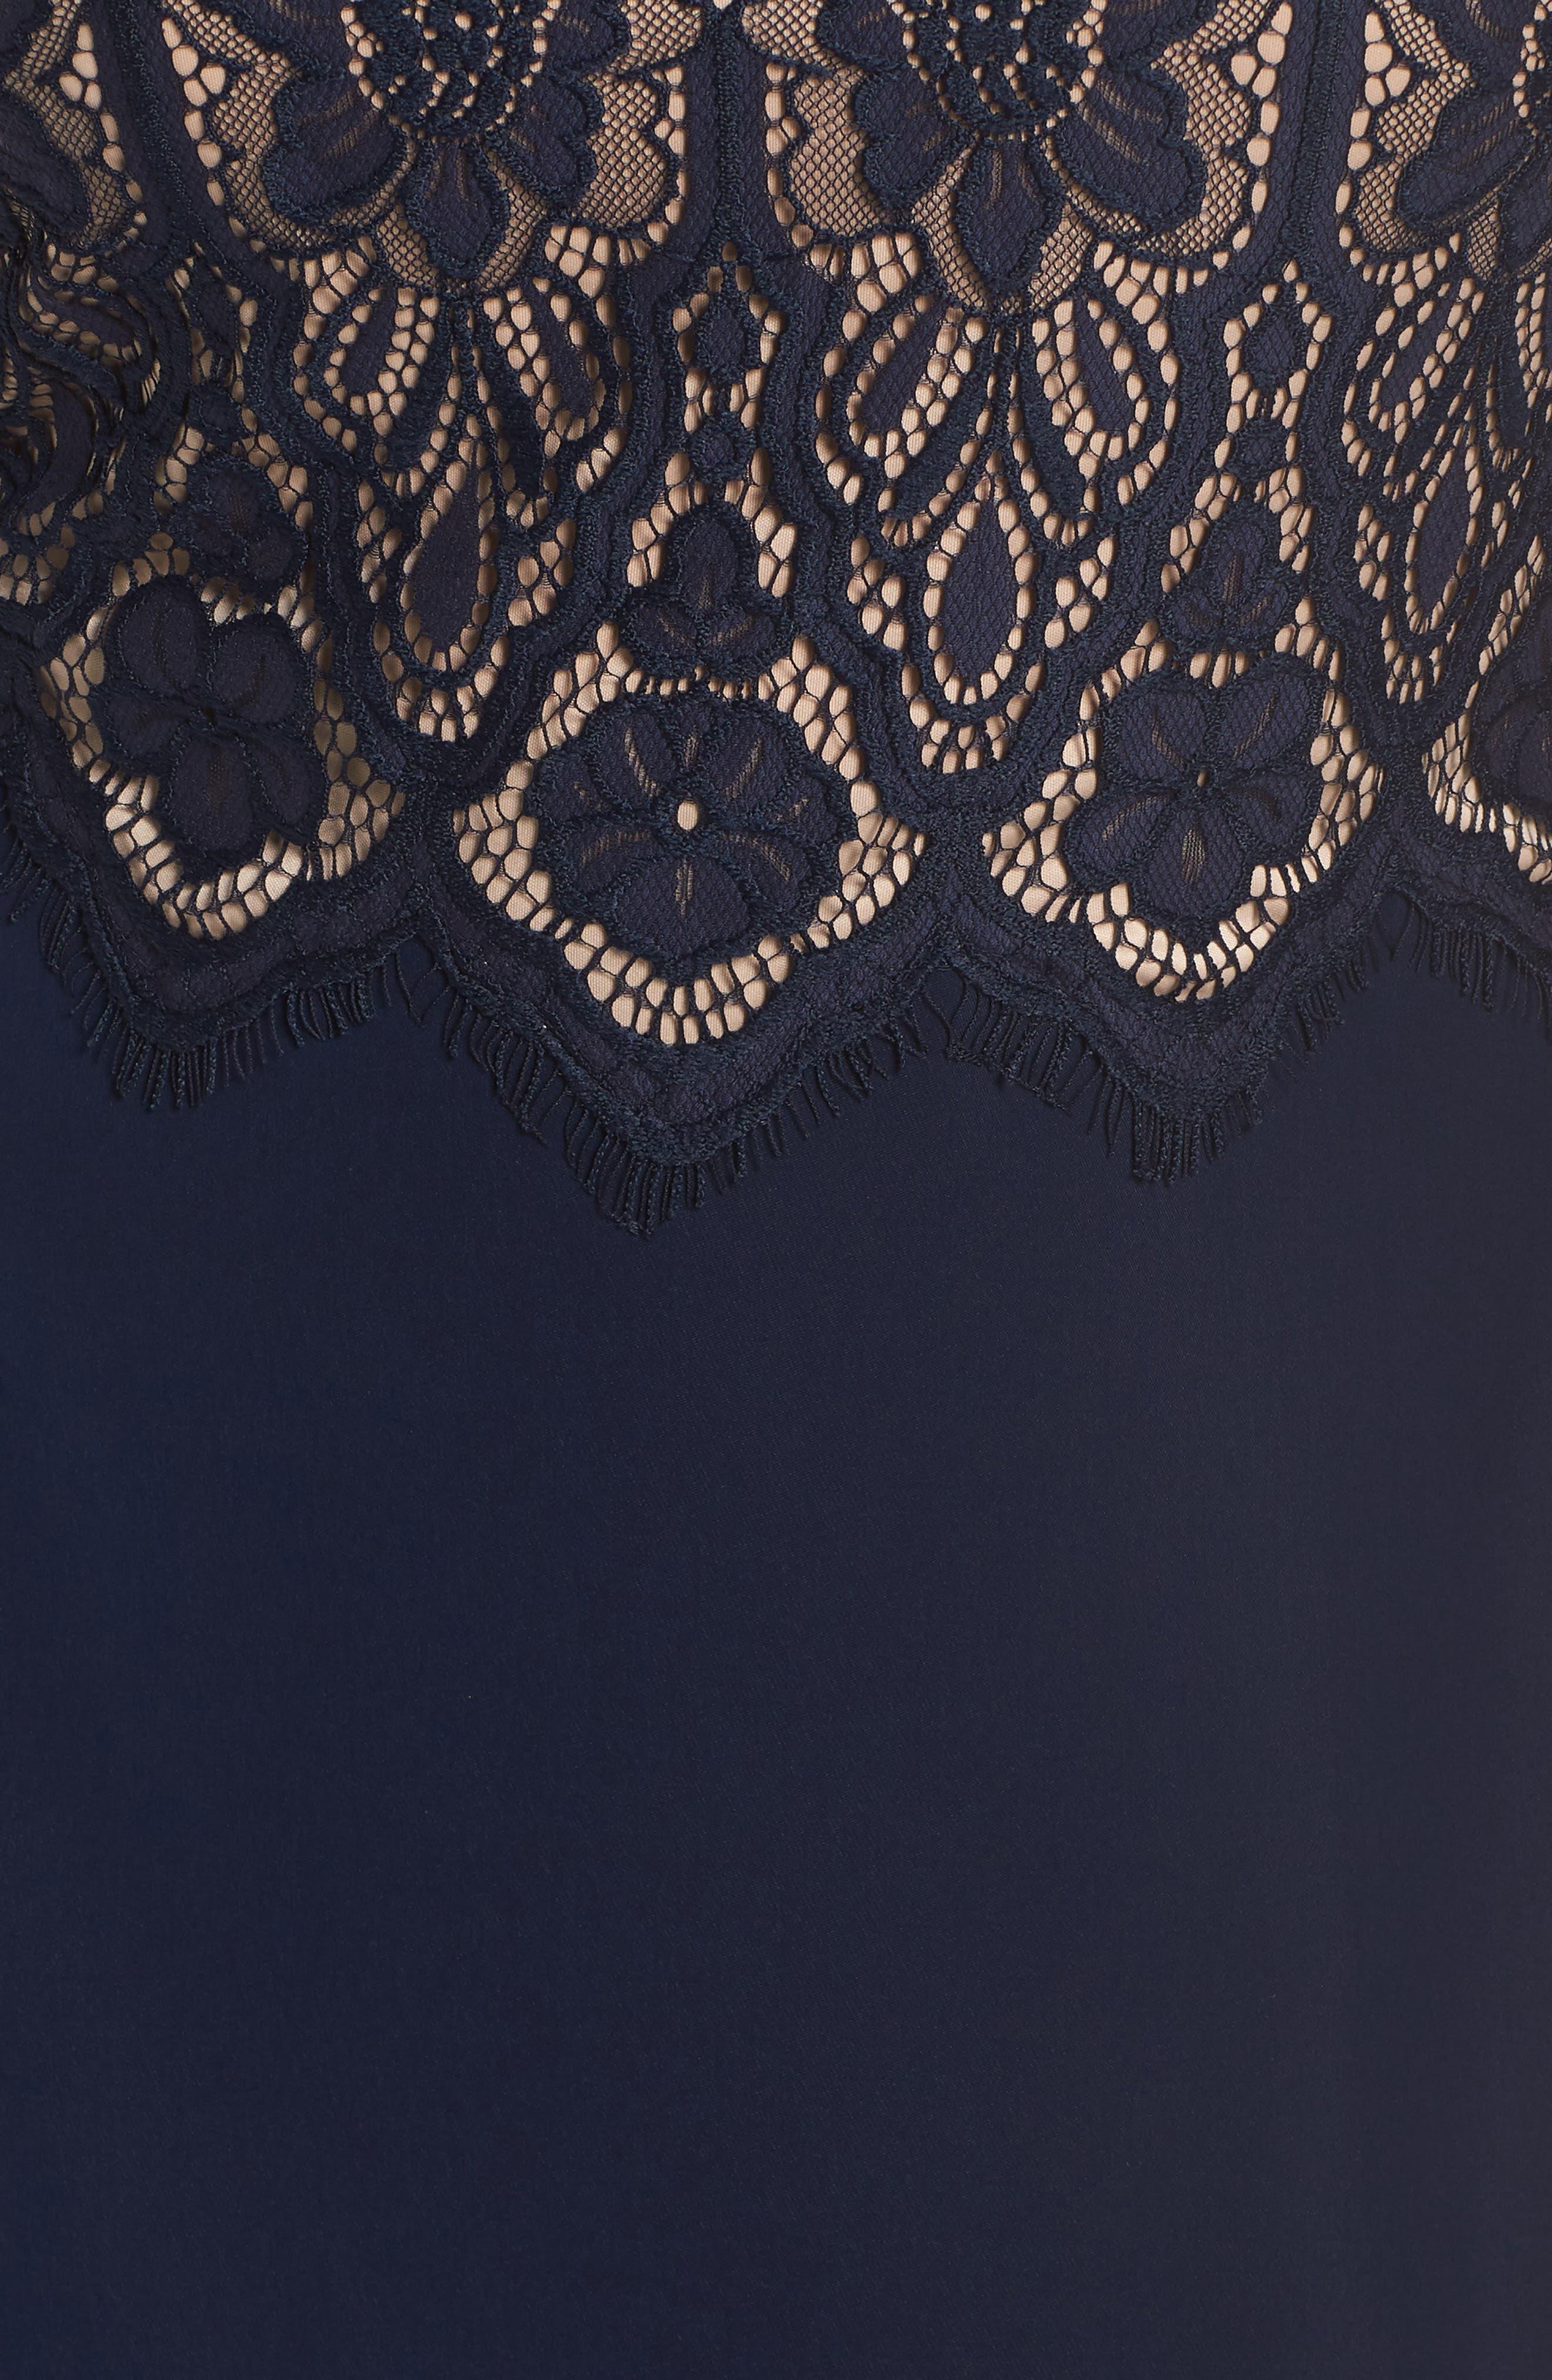 Lace & Crepe A-Line Gown,                             Alternate thumbnail 12, color,                             NAVY/ PETAL